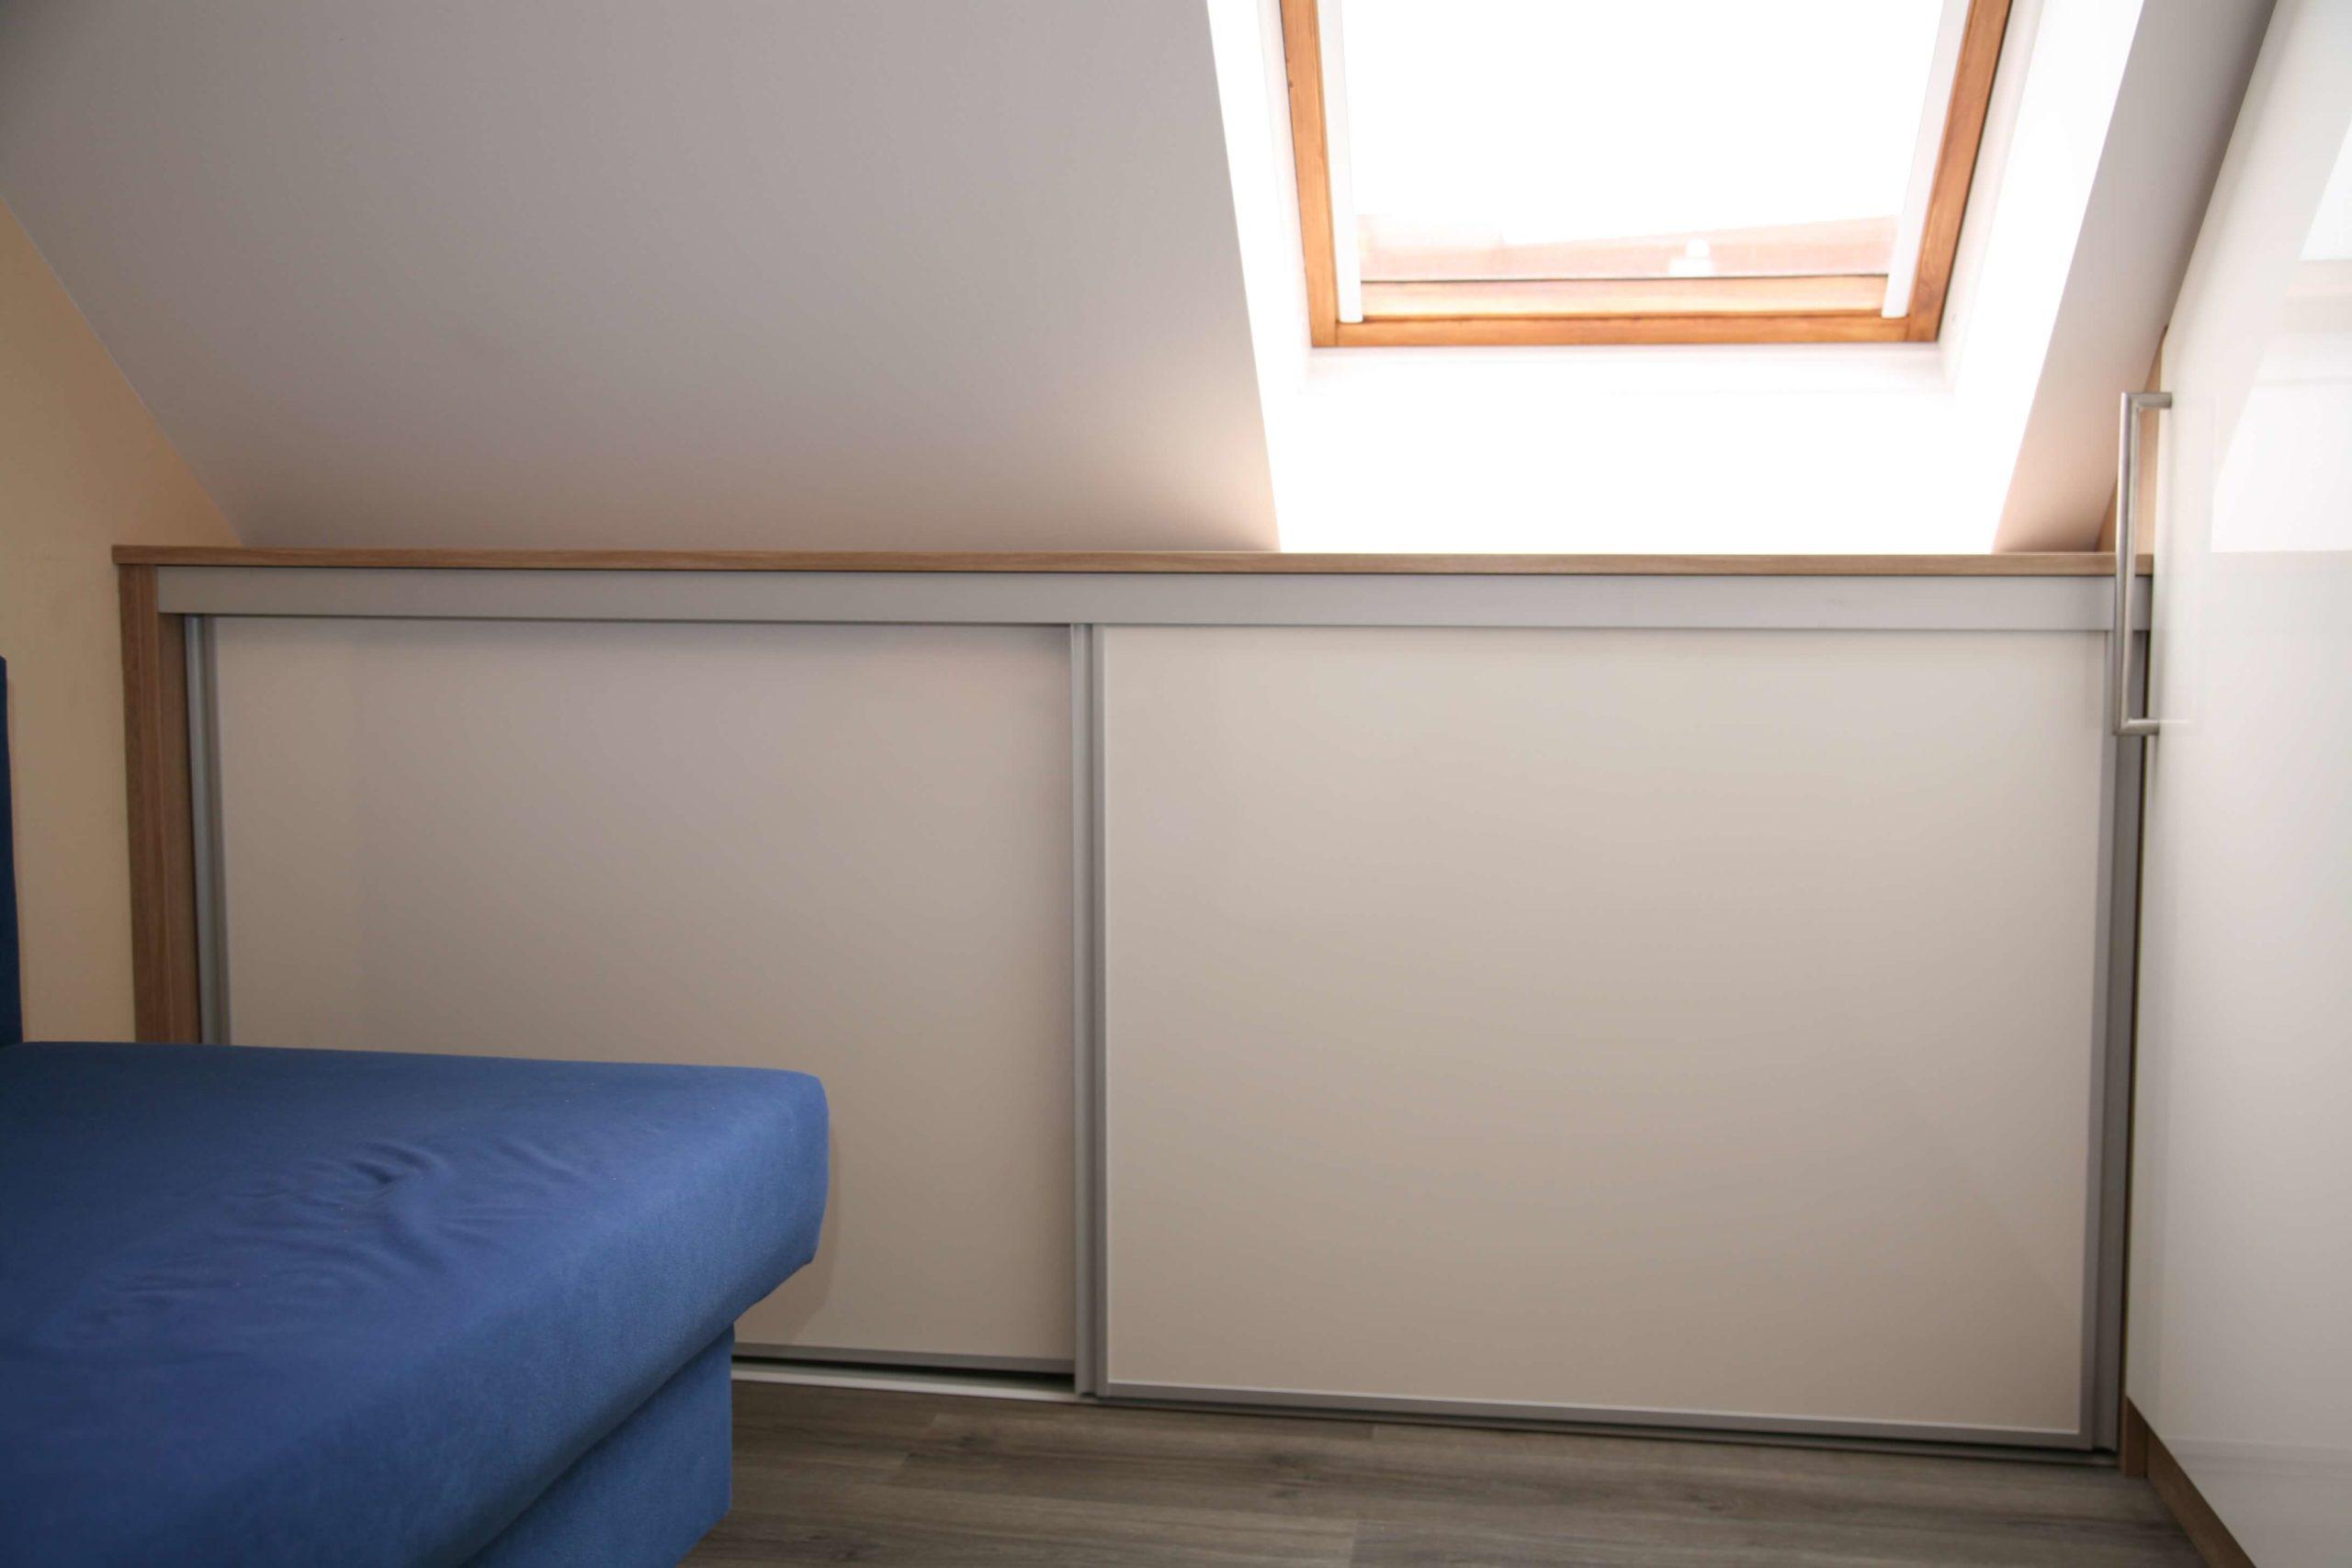 Dachschrägenschrank mit Türen und Fachböden für die Ablage